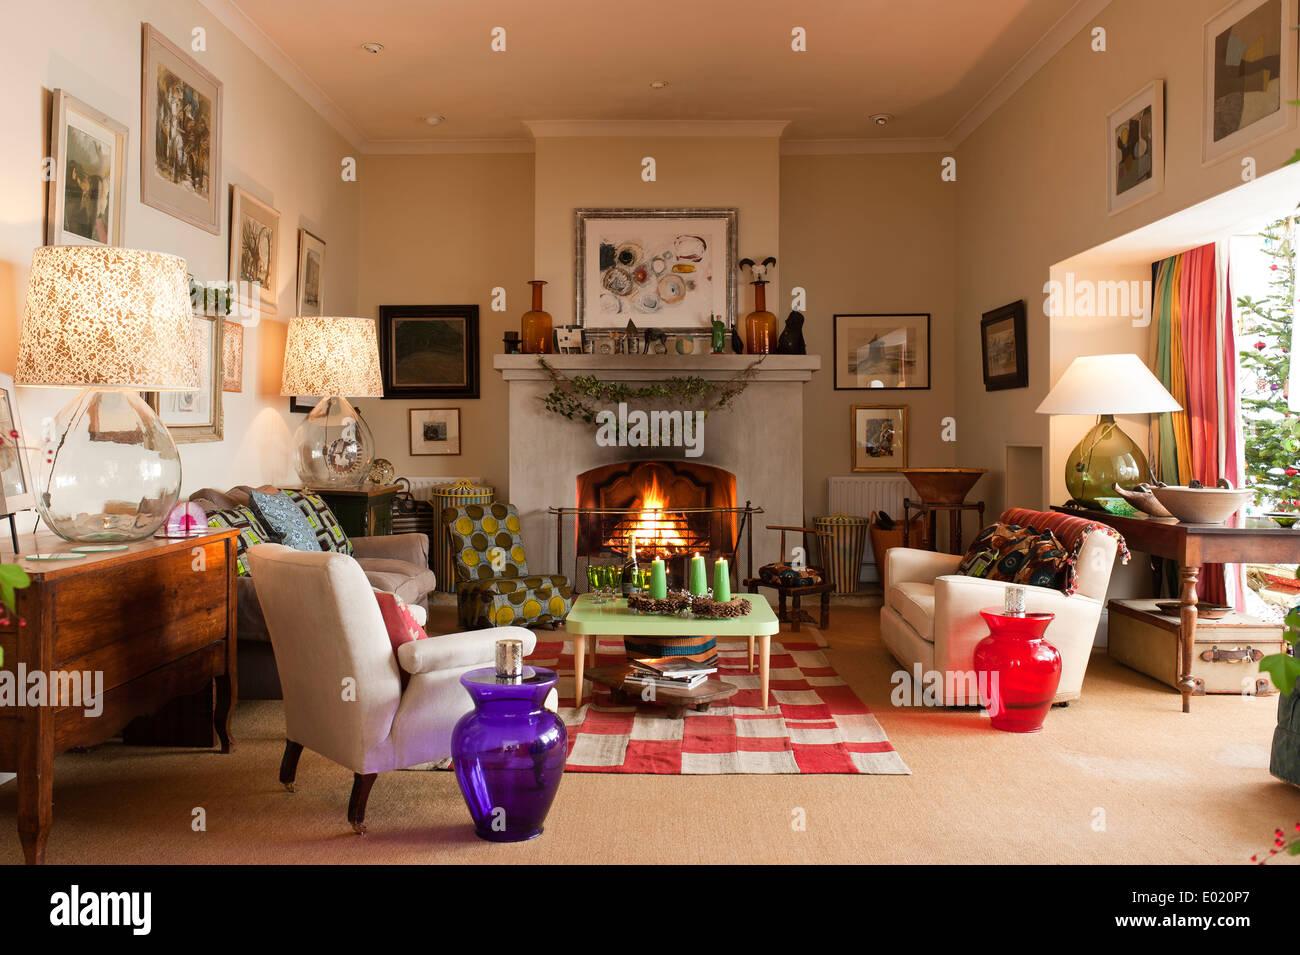 Wohnzimmer für Weihnachten dekoriert Stockbild